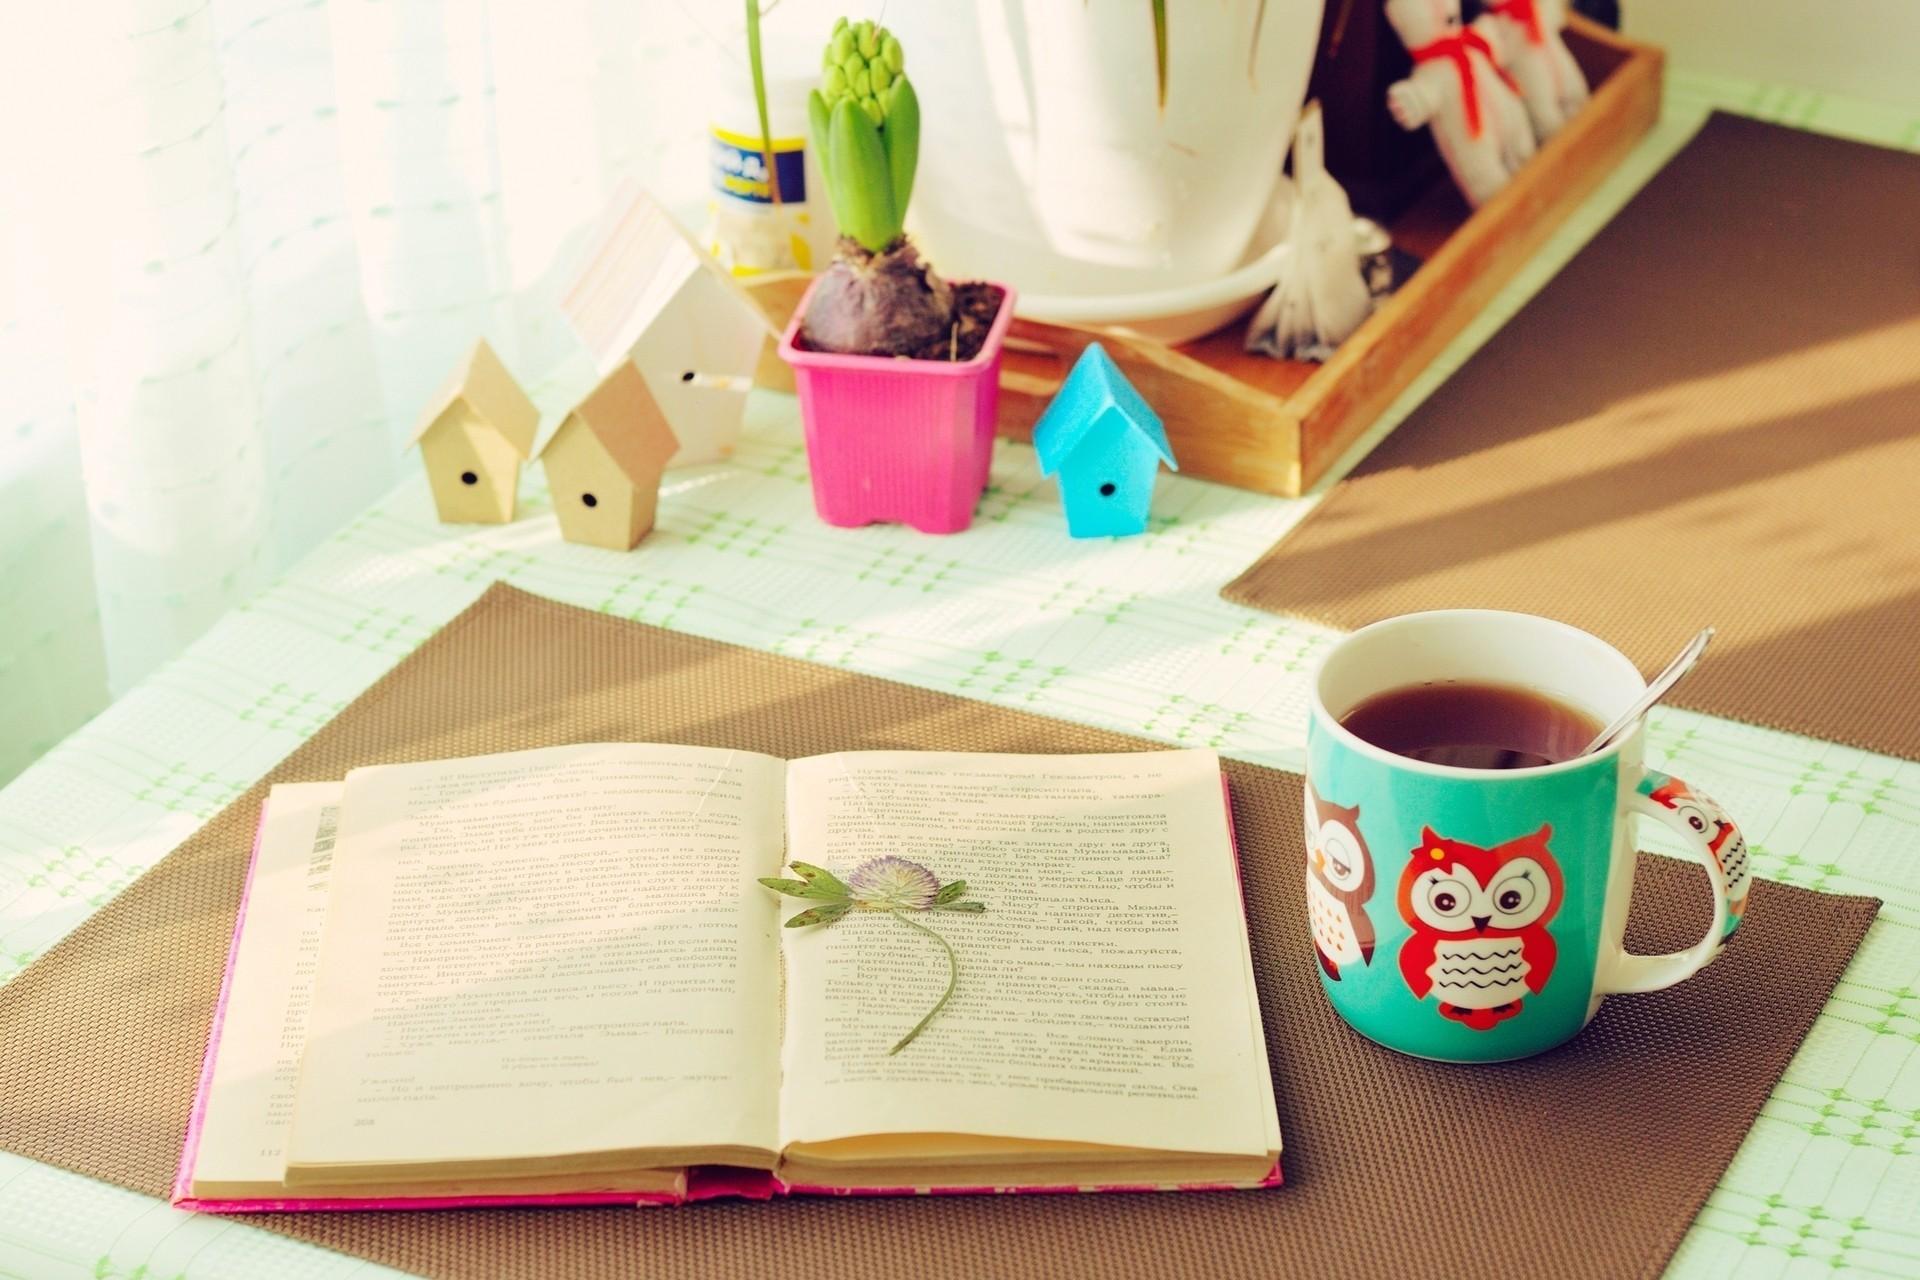 чашка блокнот Cup Notepad  № 2263885 бесплатно